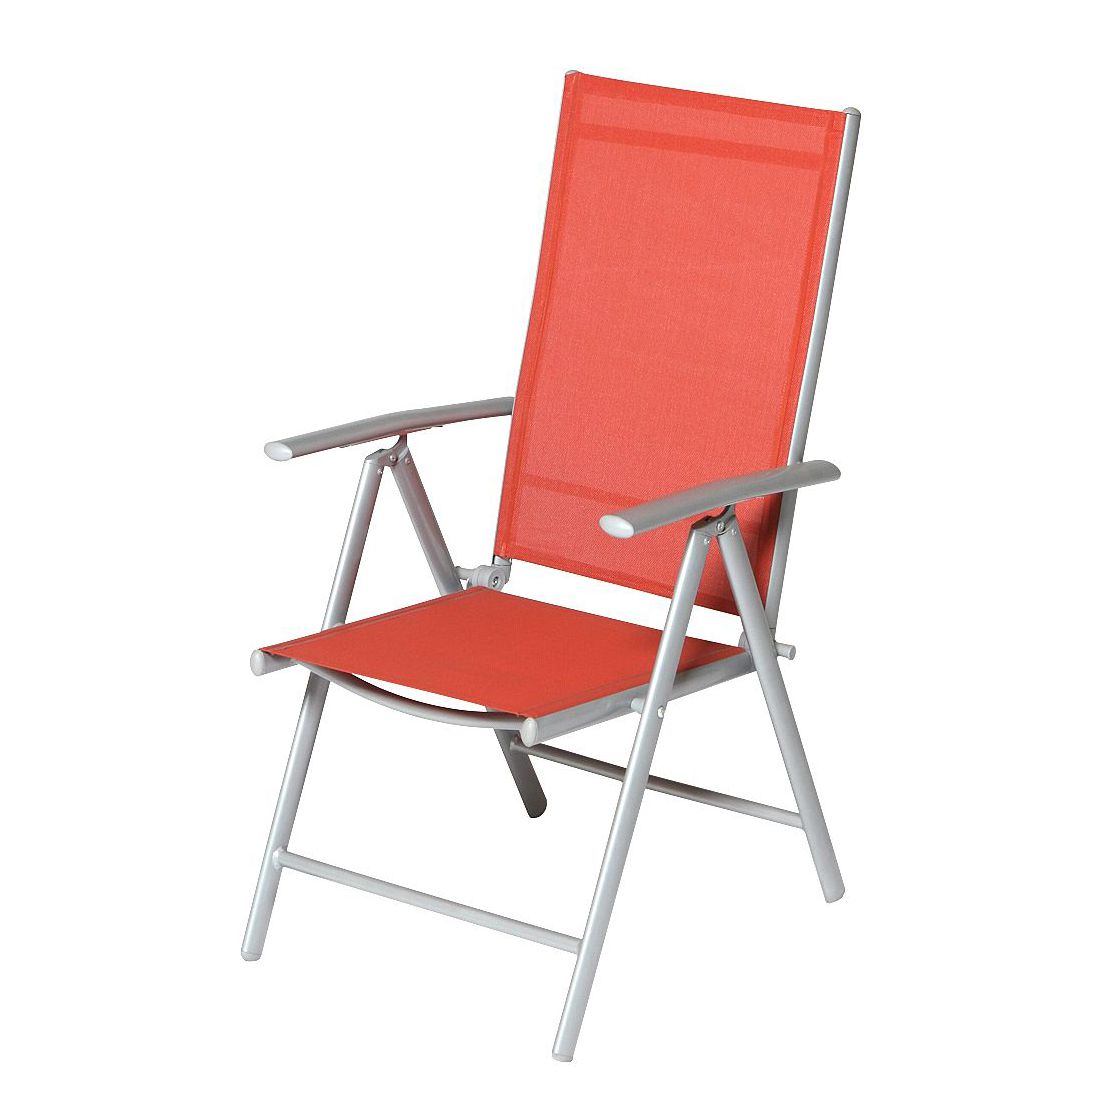 merxx fauteuil pliant amalfi noir prix et meilleures offres. Black Bedroom Furniture Sets. Home Design Ideas